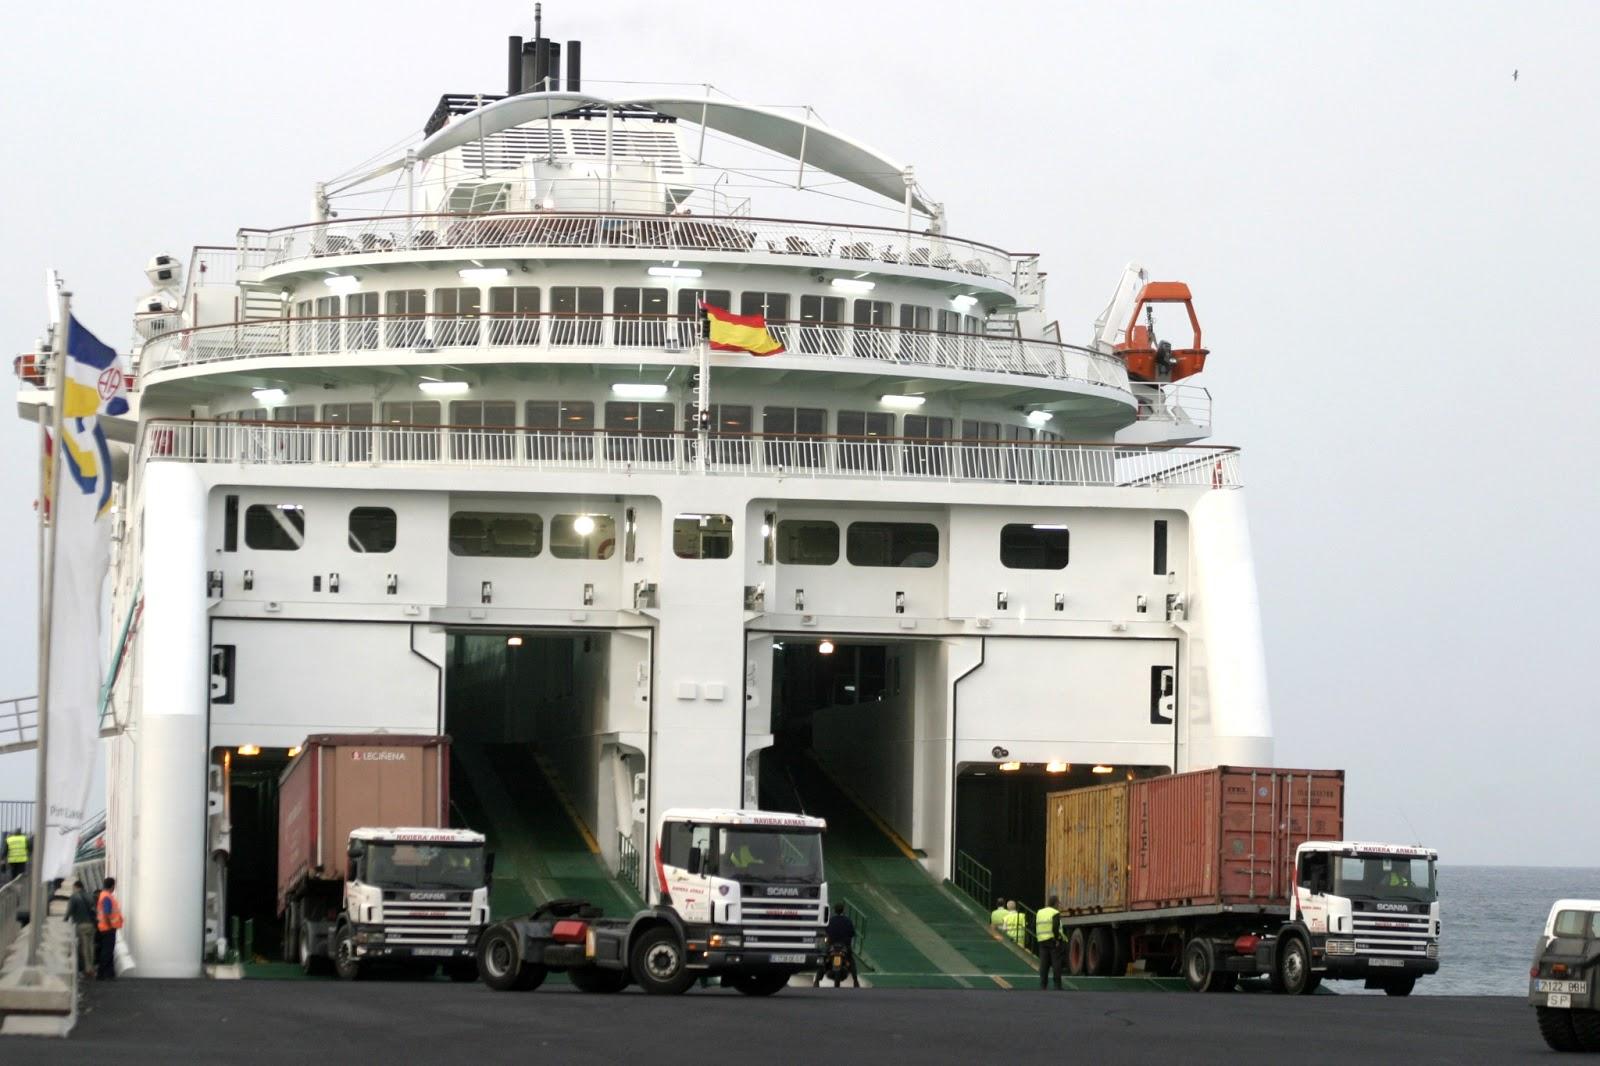 Navieraarmasblog viajar con veh culo en naviera armas for Horario oficina naviera armas las palmas